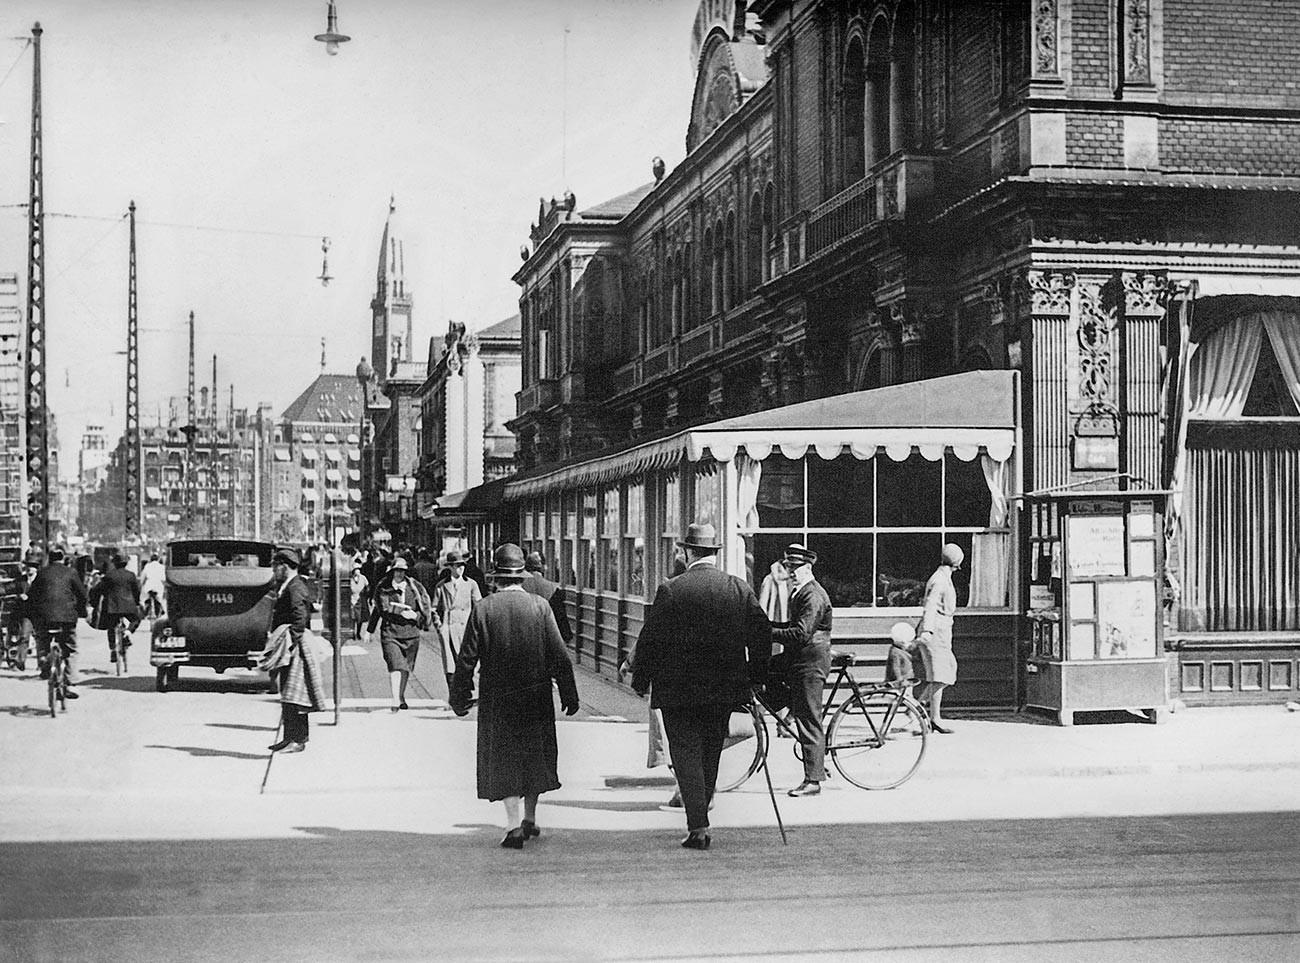 Prometna ulica v Kopenhagnu, 1931